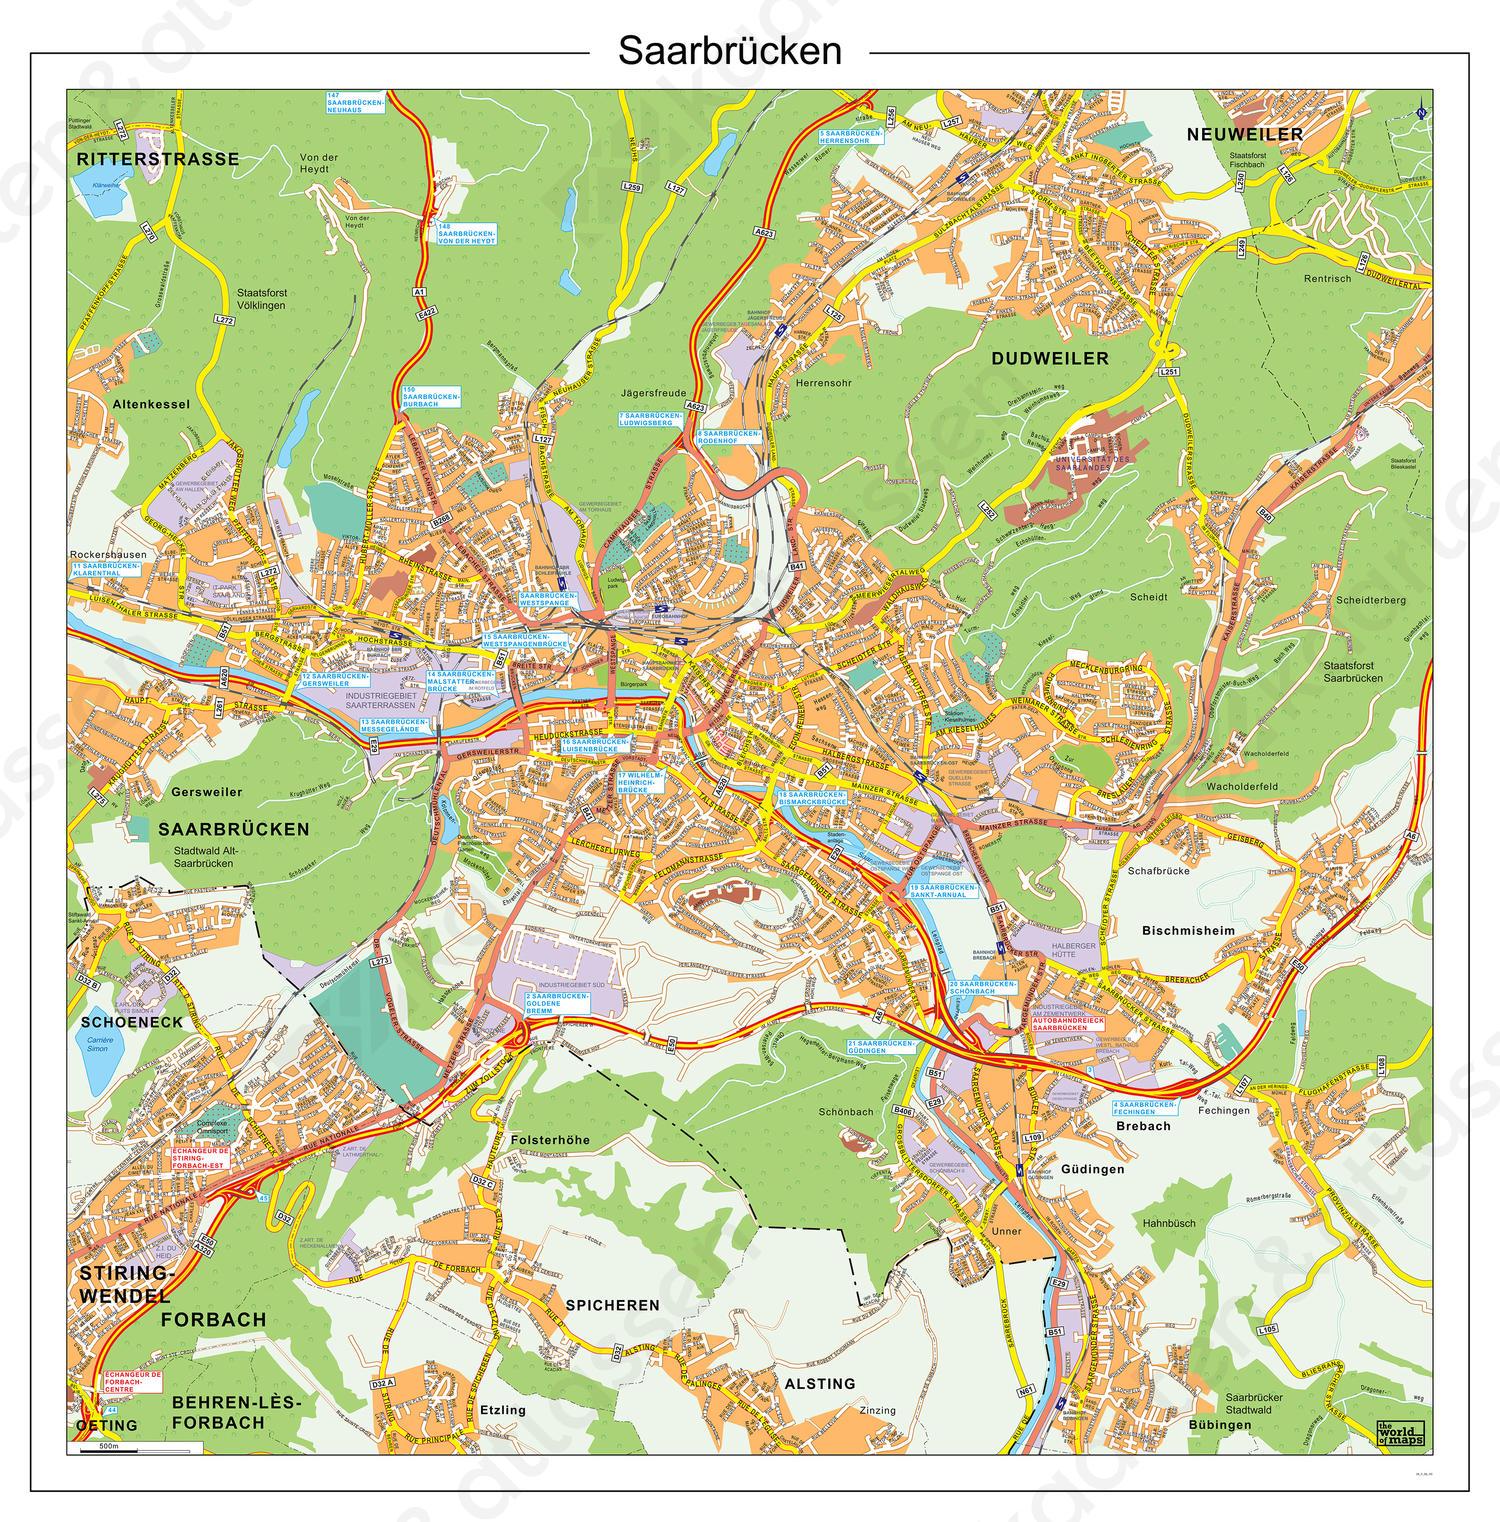 Saarbrucken / Saarbrücken 185